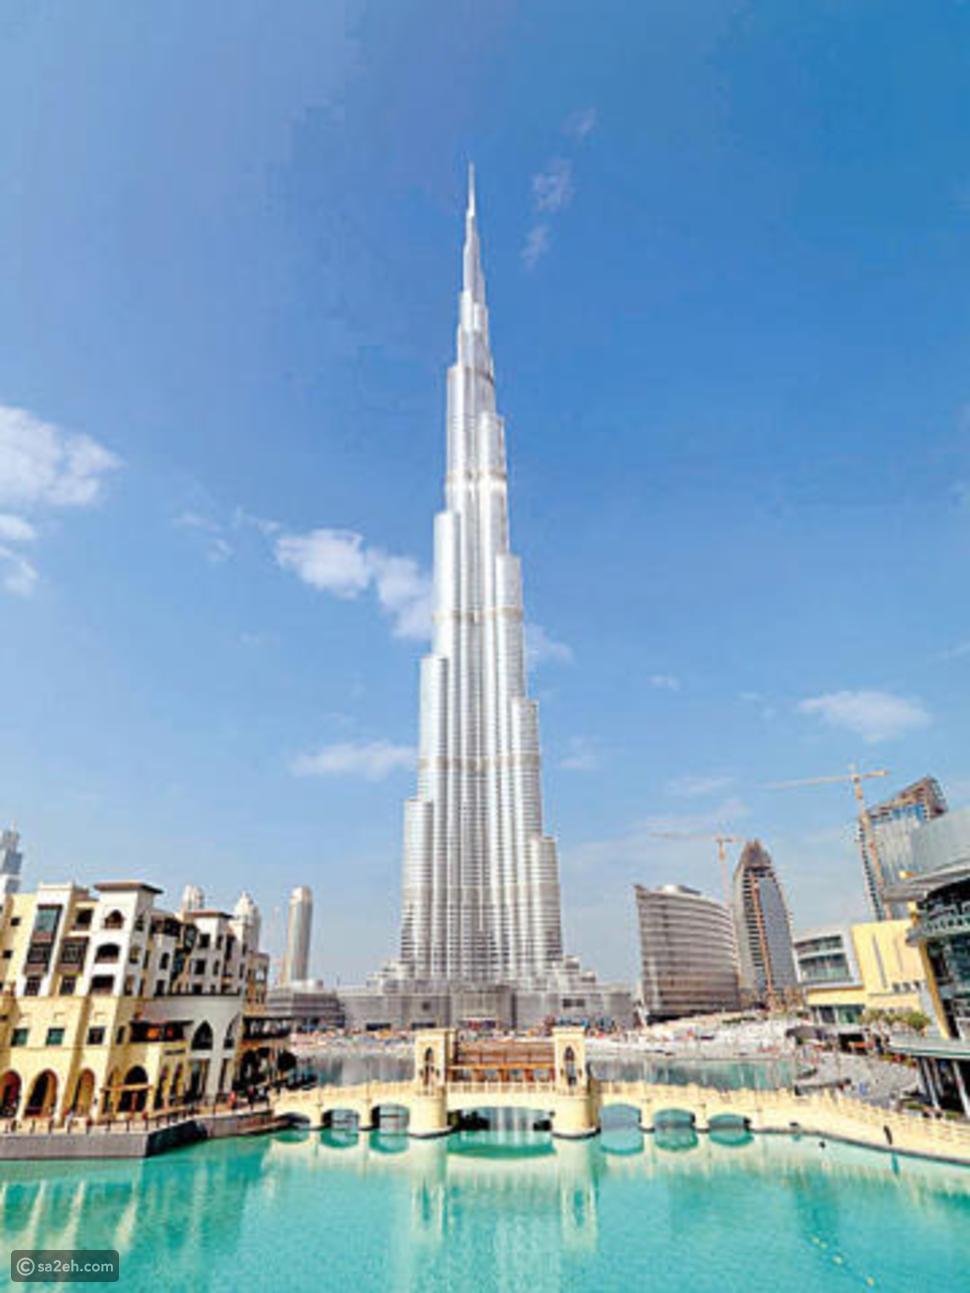 شاهد: الإمارات تحتفل بمرور 10 سنوات على افتتاح برج خليفة